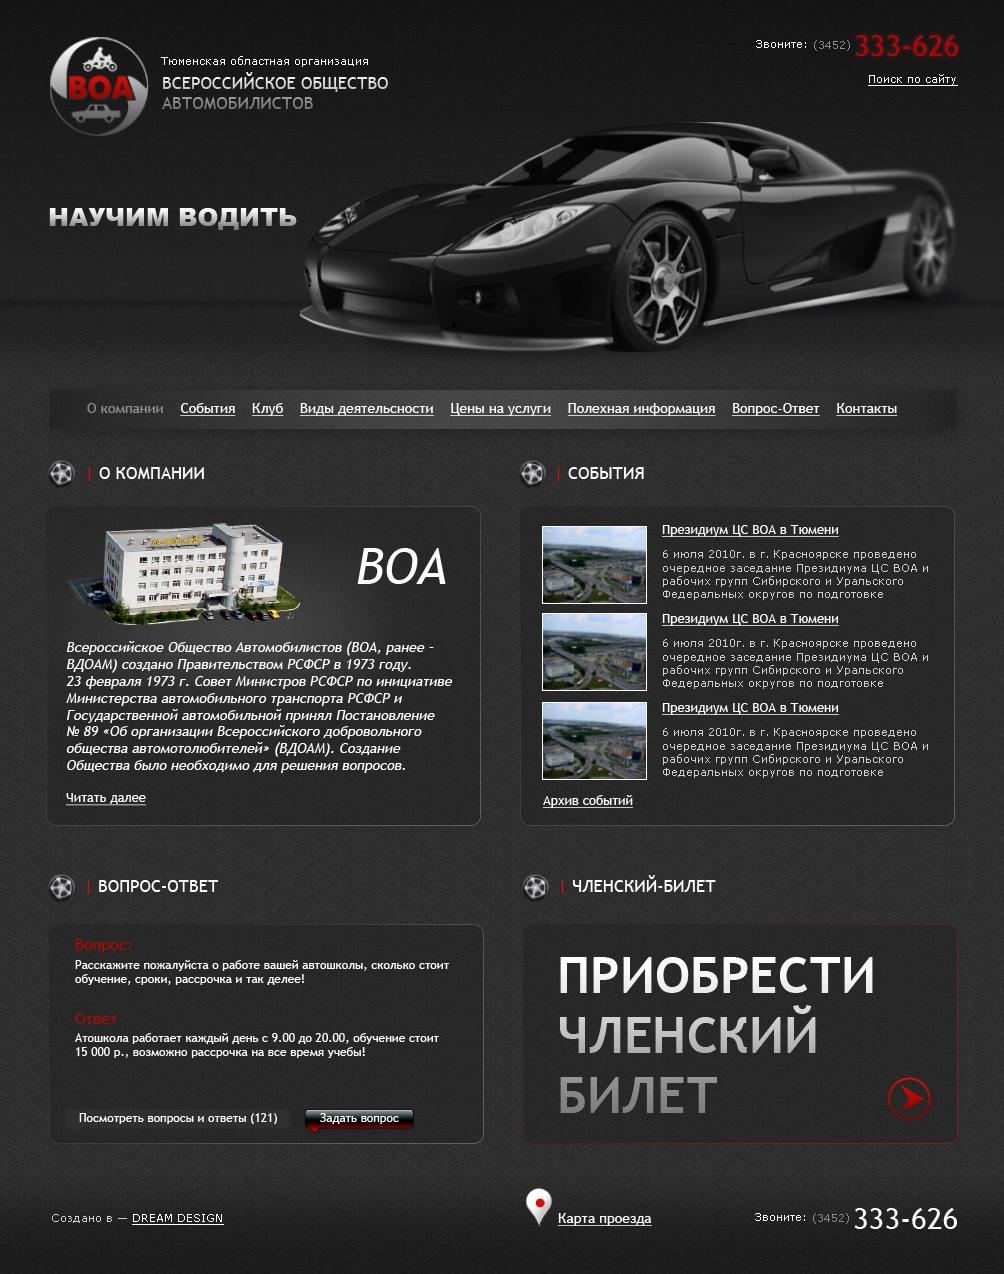 ВОА - всероссийской общество автомобилистов